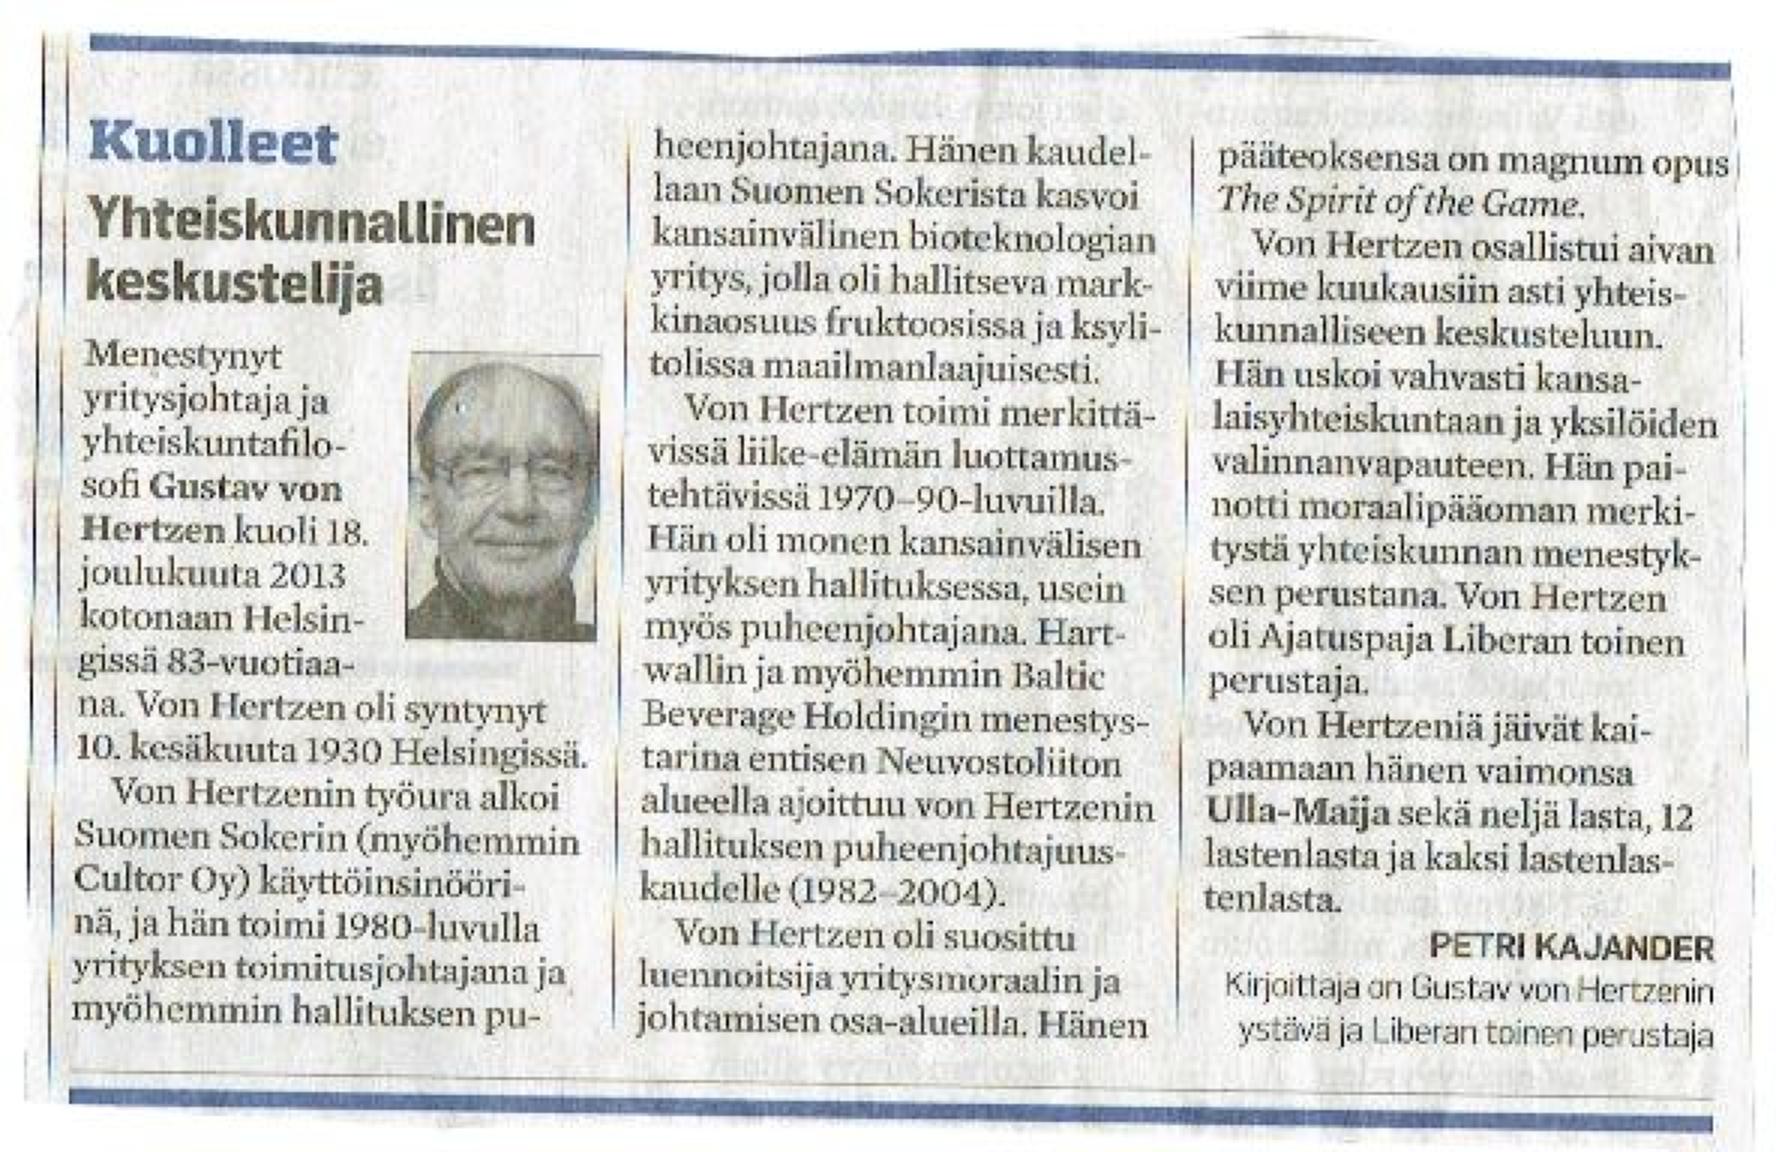 Muistokirjoitus Aamulehti 27.12.13